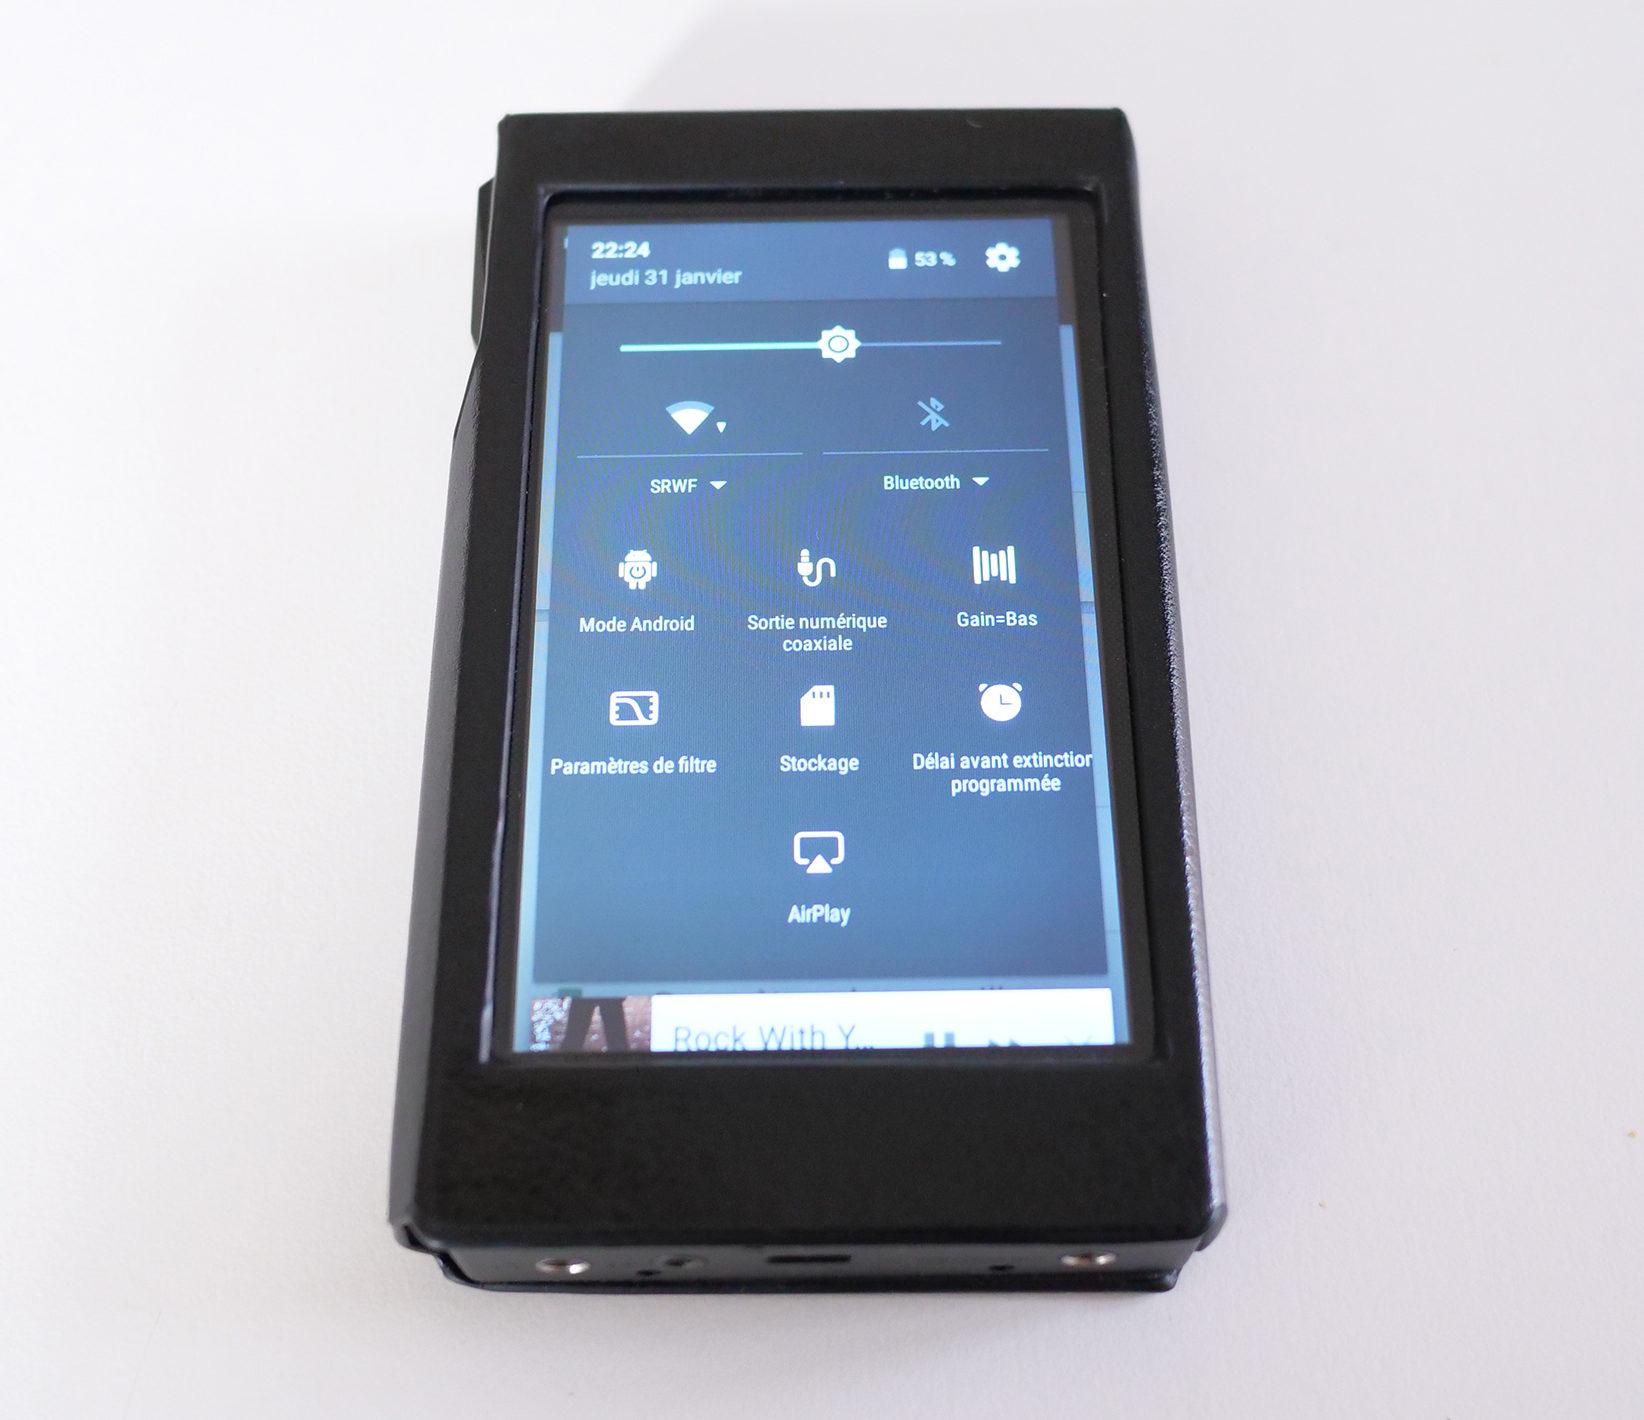 Le menu des paramètres Android est personnalisé avec l'accès direct aux fonctions audio du X5.